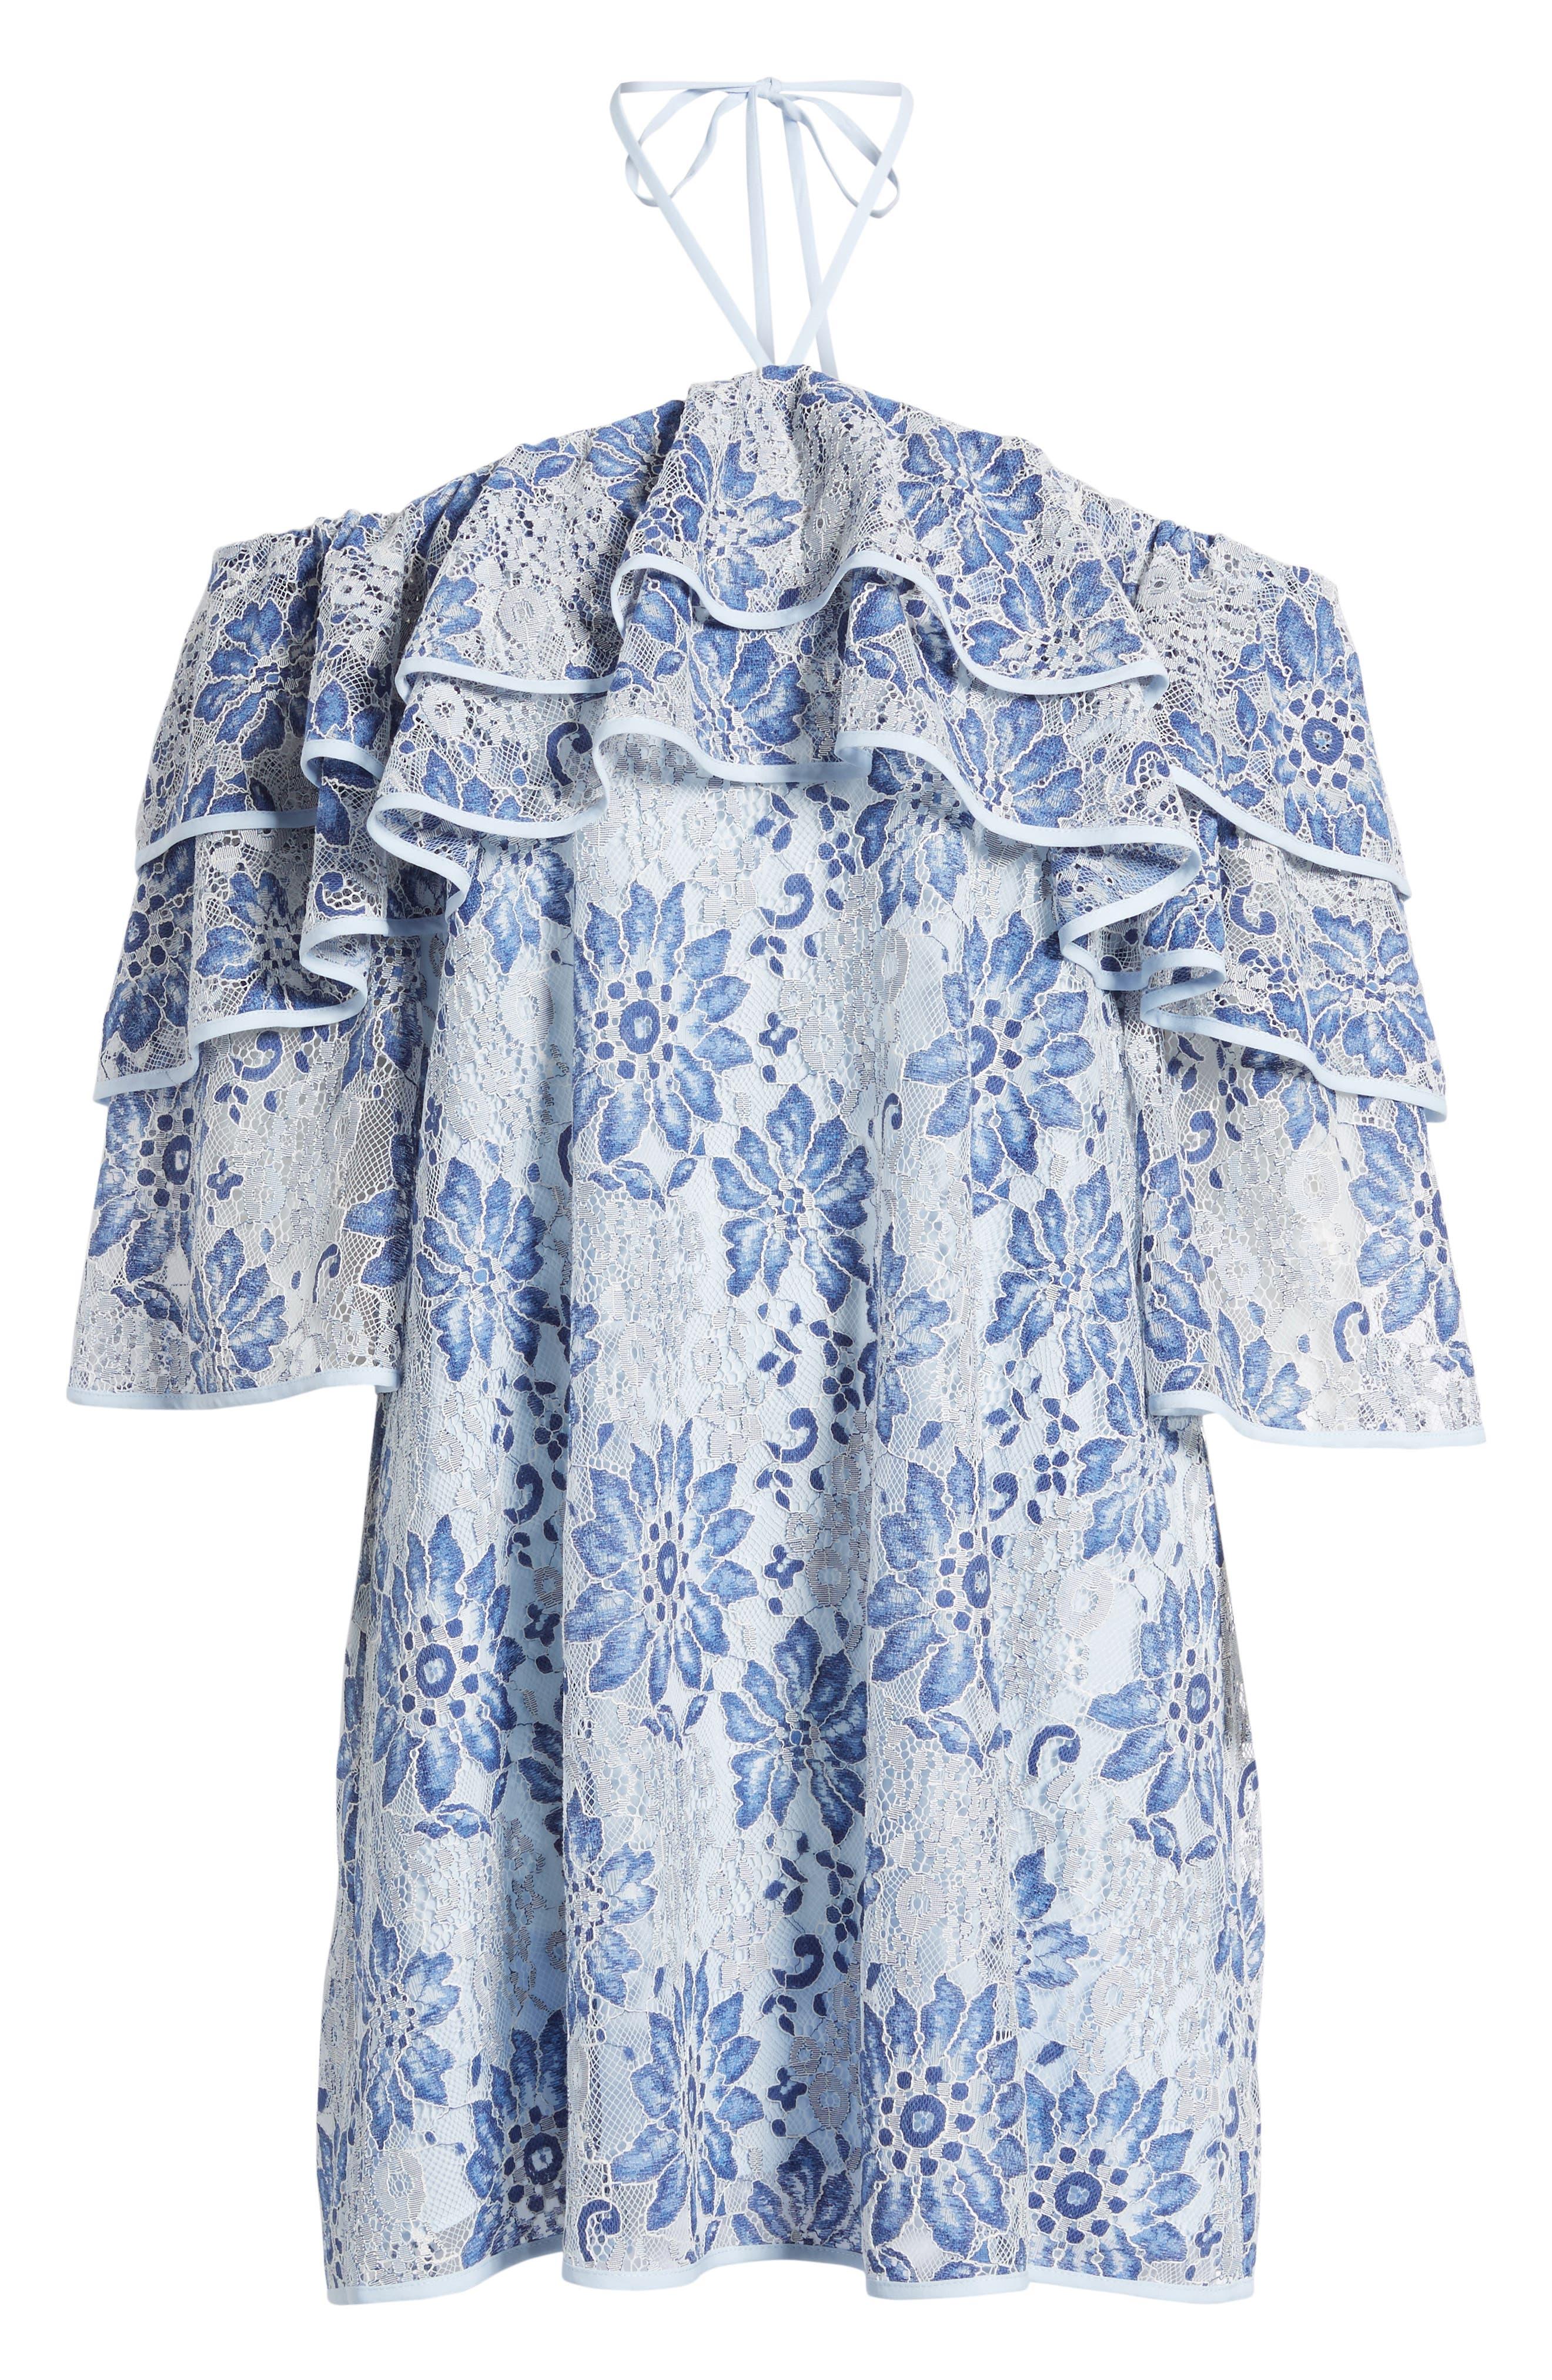 Dena Off the Shoulder Shift Dress,                             Alternate thumbnail 6, color,                             401